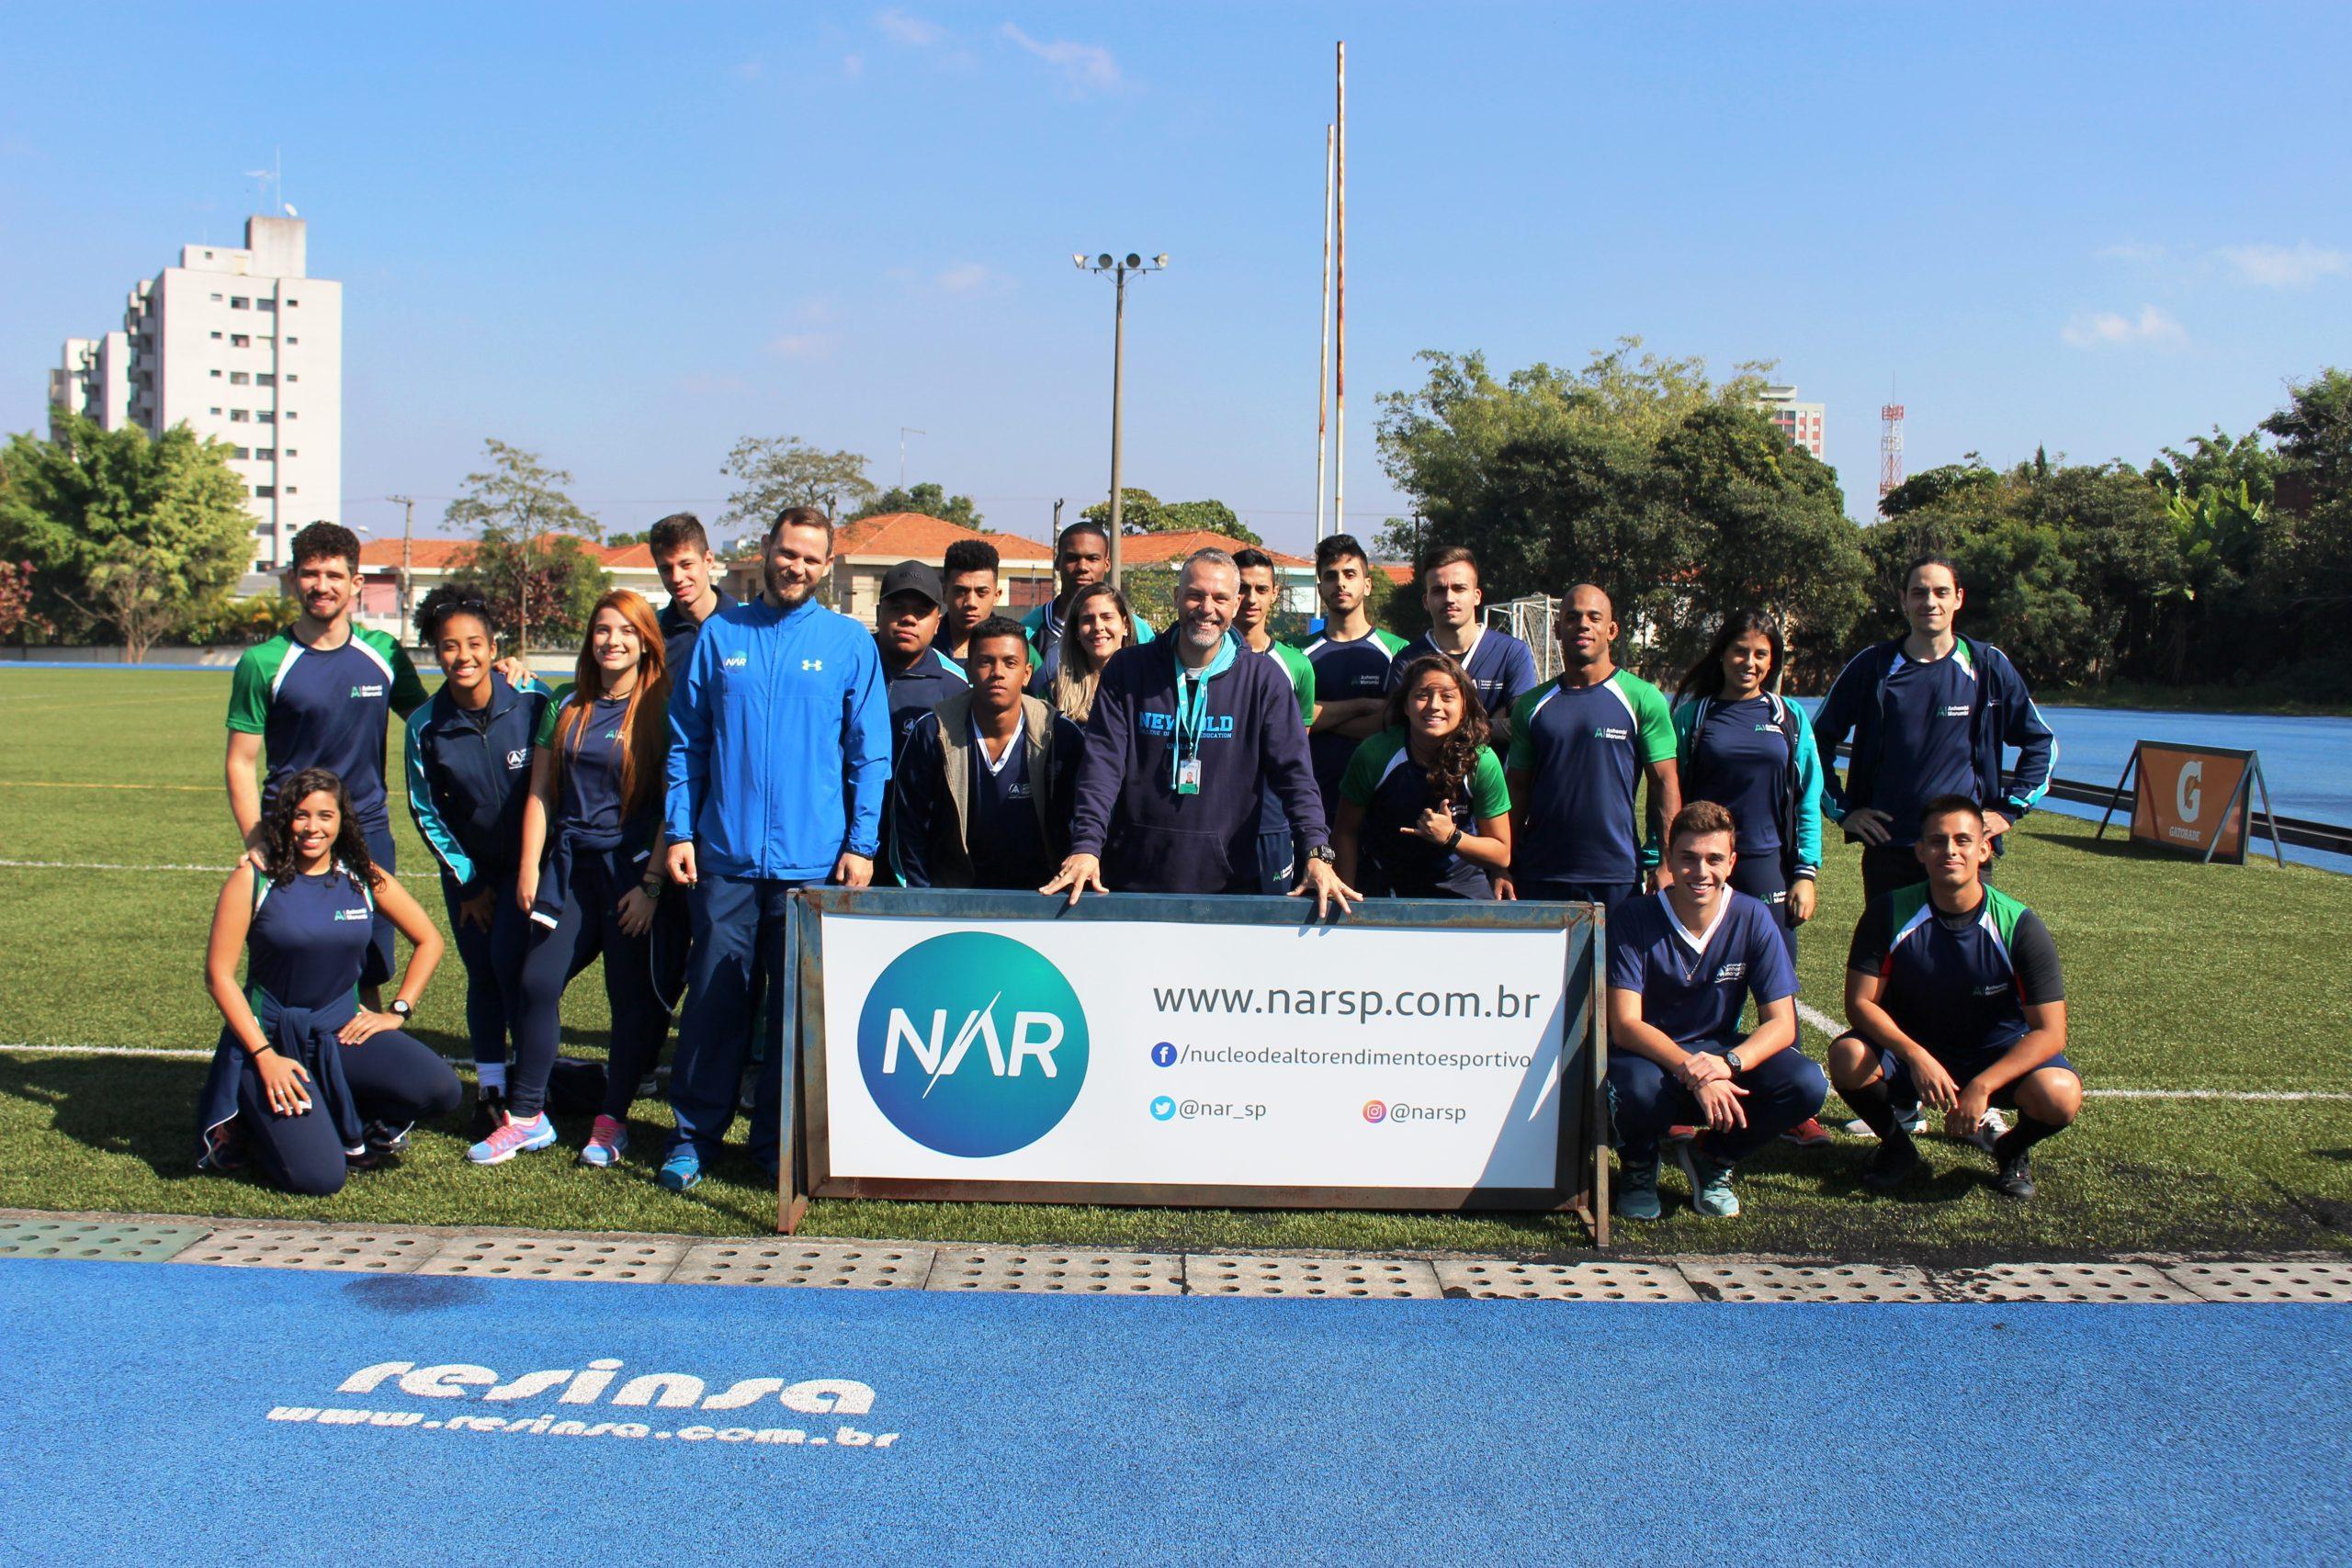 NAR abre suas portas para alunos de Educação Física da faculdade Anhembi-Morumbi